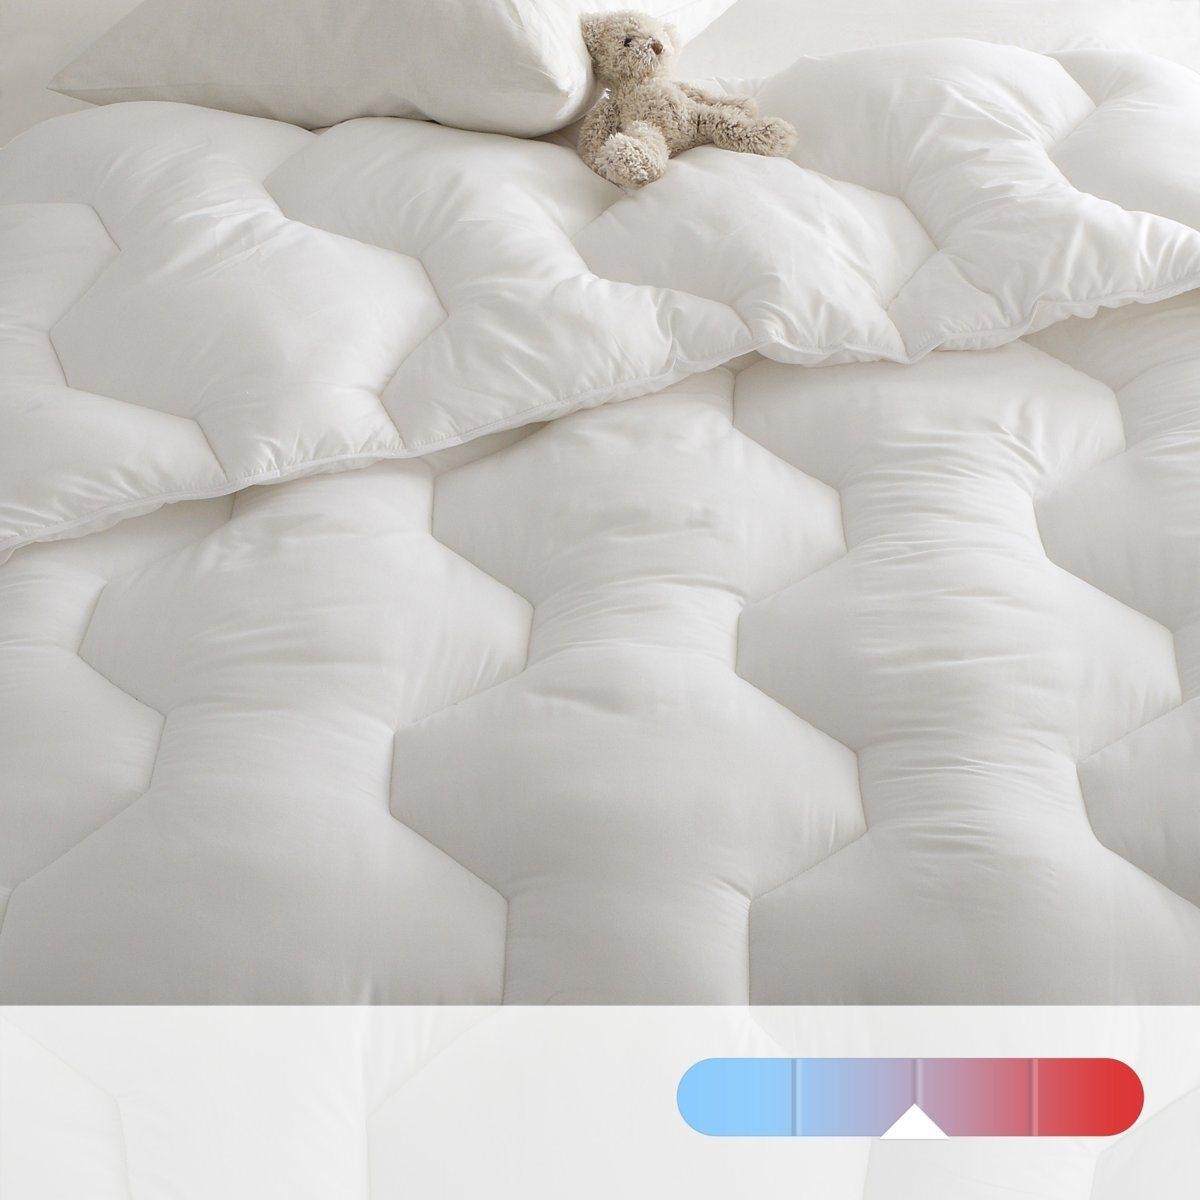 Одеяло Nature, 300 г/м², обработка GREENFIRST®, 100% полиэстер, чехол из биохлопка